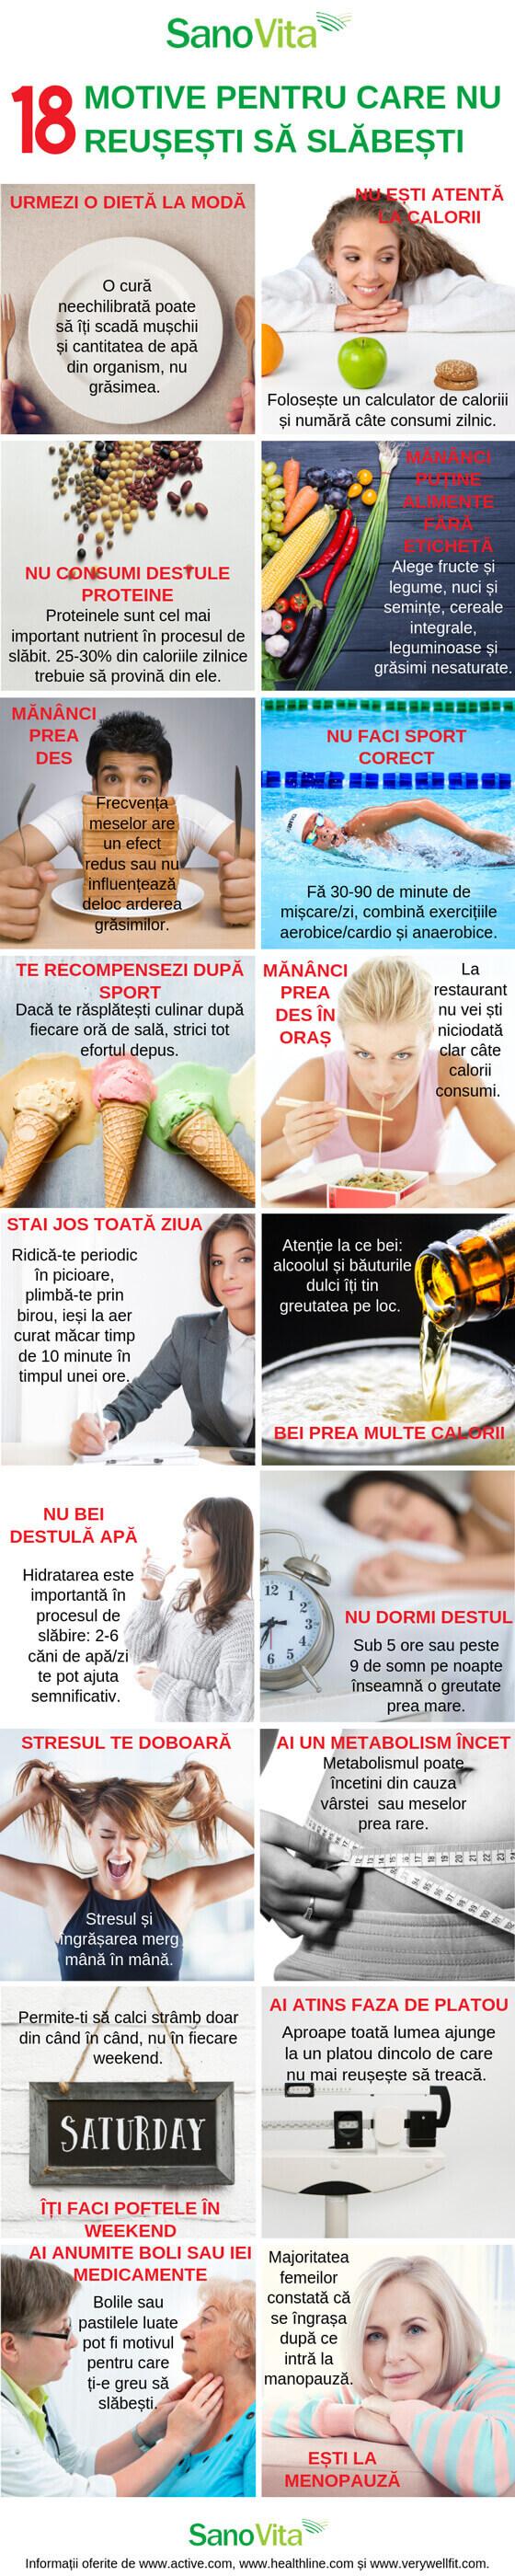 pierderea în greutate de la oprirea berii)